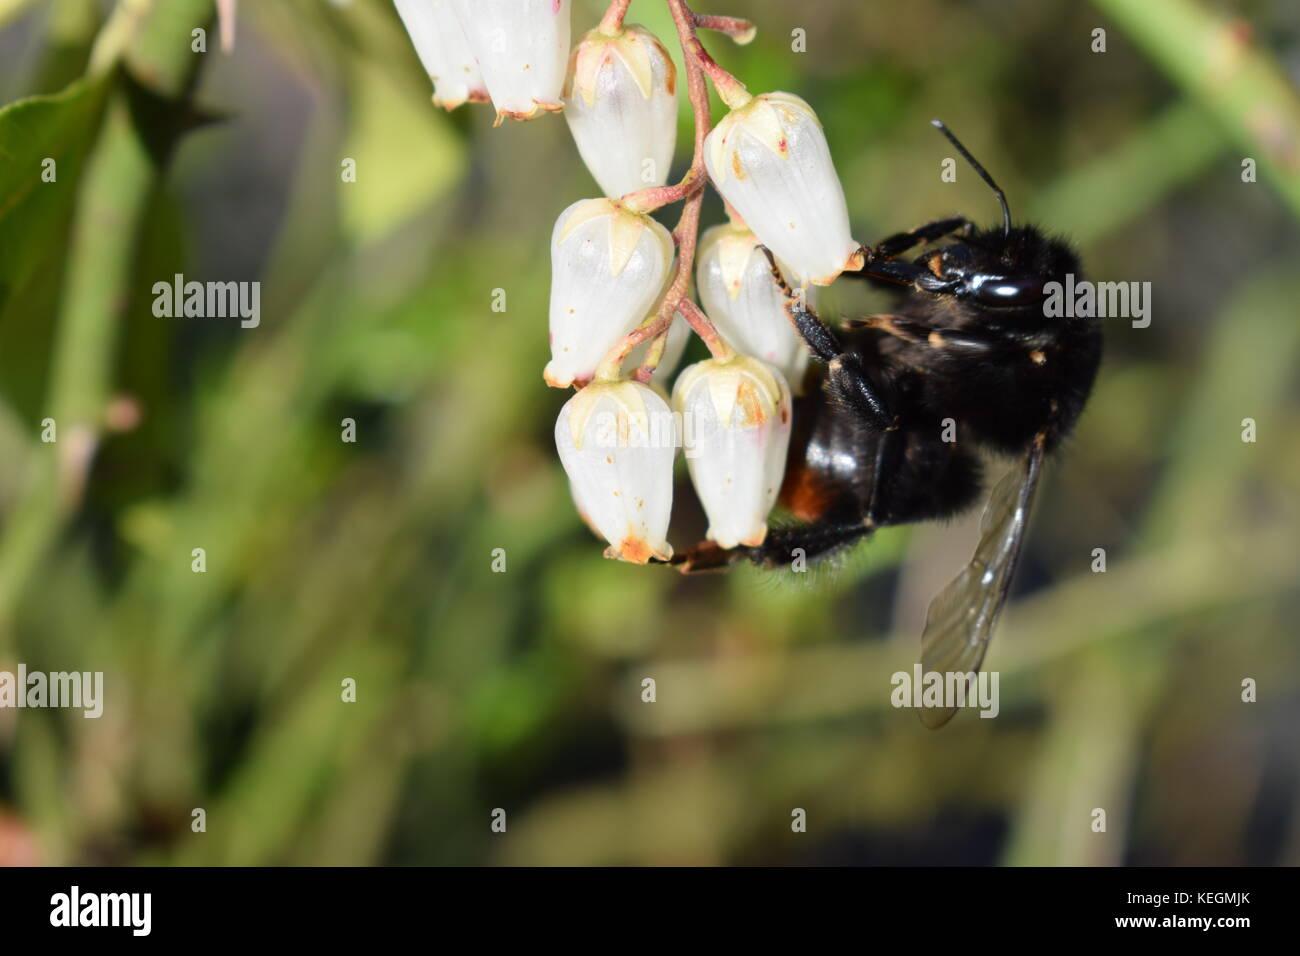 meet b7edc 07c79 Hummel auf weiße Blüte im Frühjahr Stockfoto, Bild ...